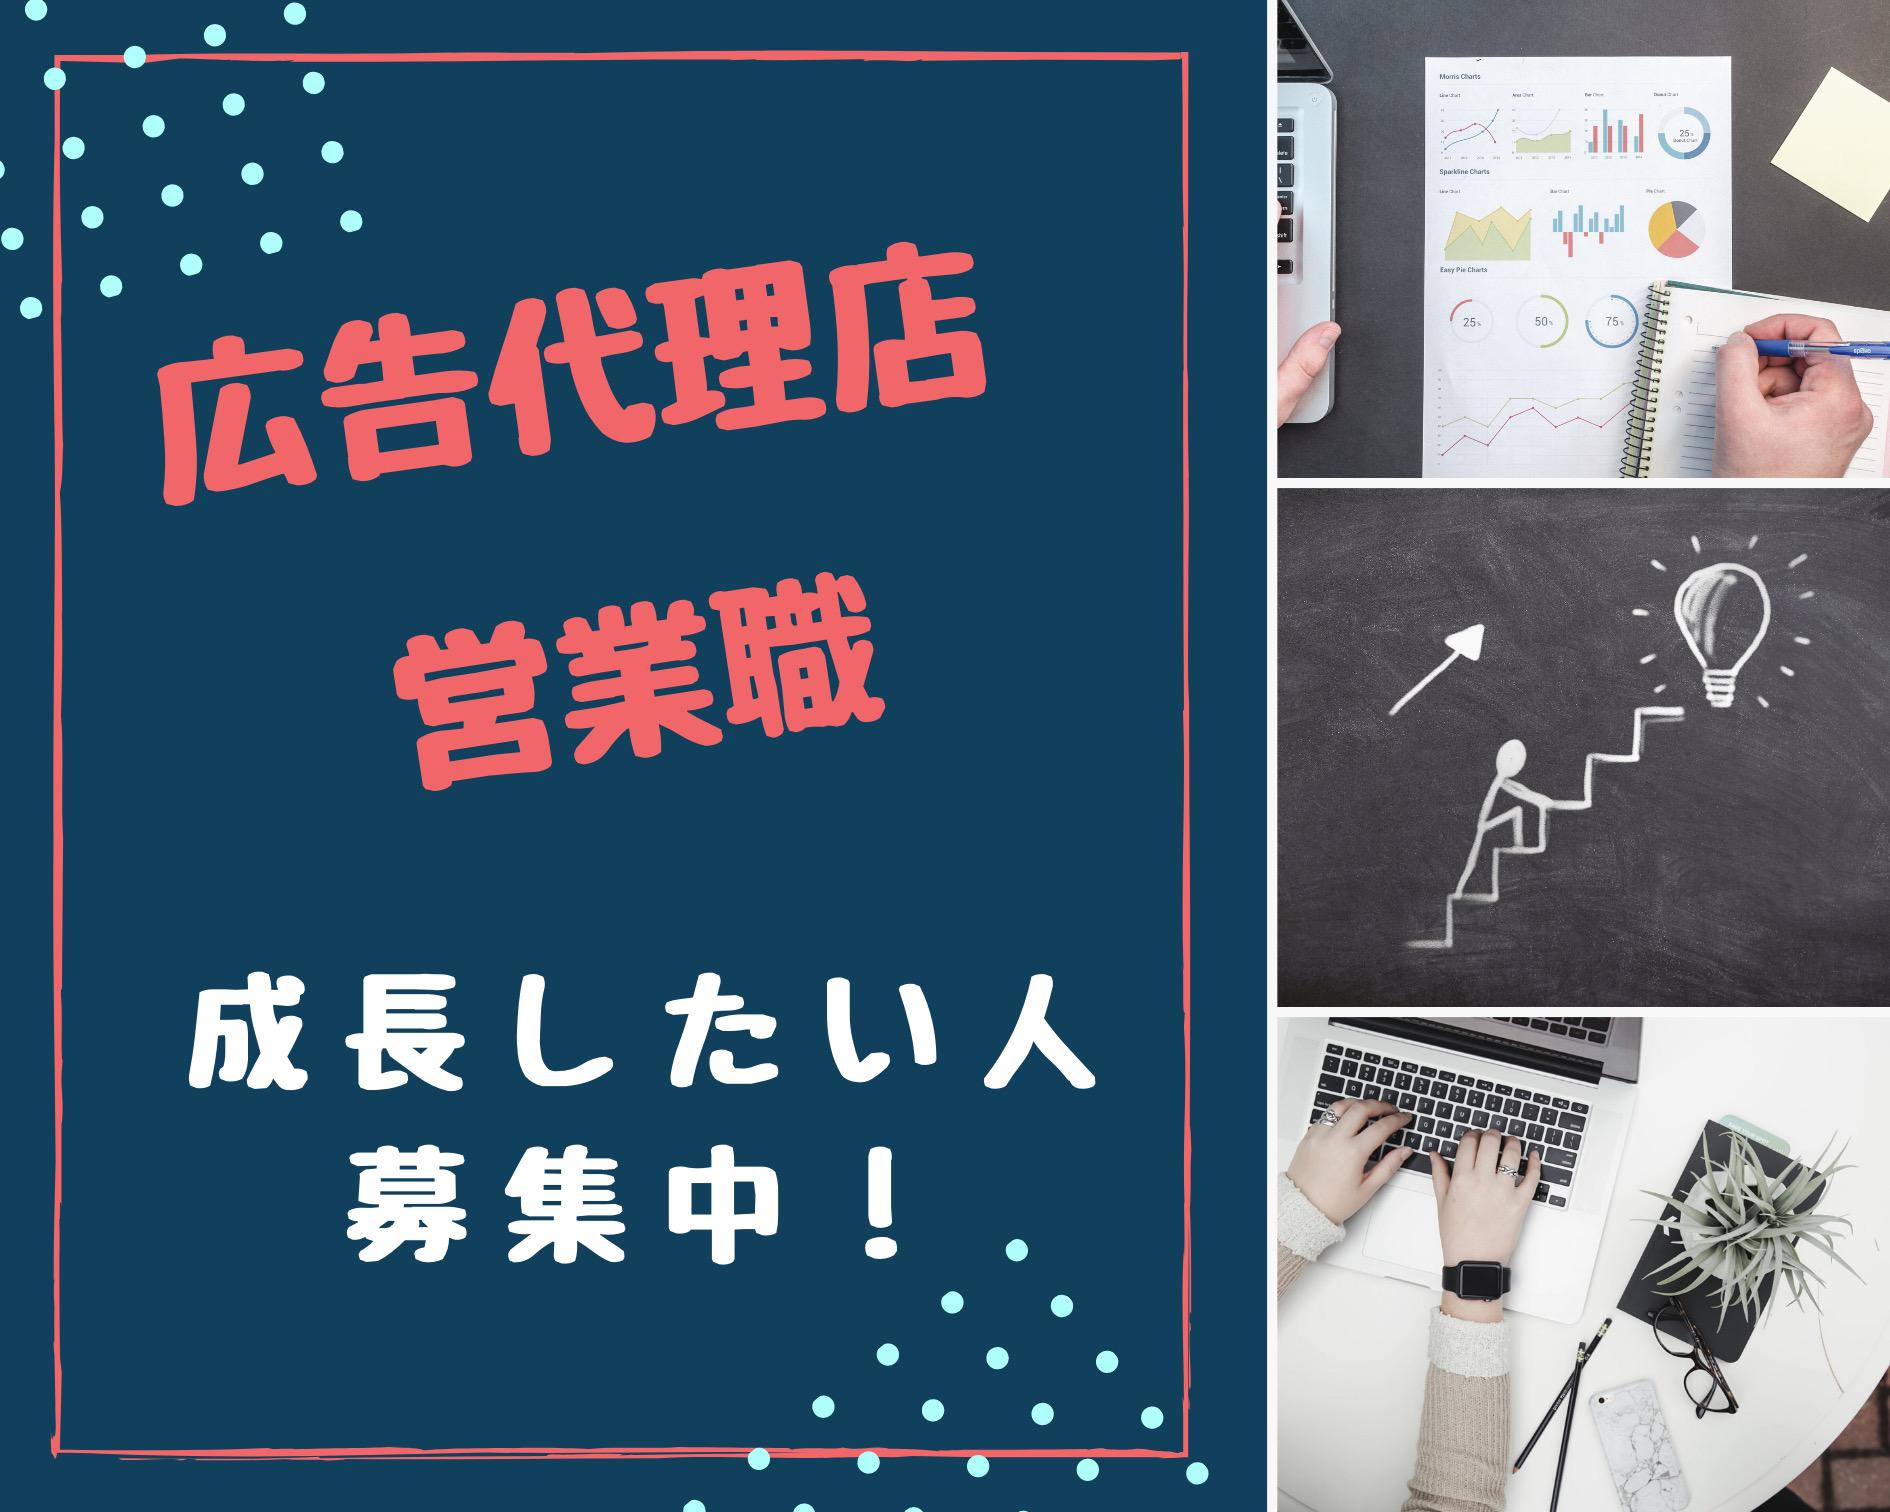 愛知県の広告代理店営業職!経験よりも意欲を重視します☆彡男女不問♪ イメージ